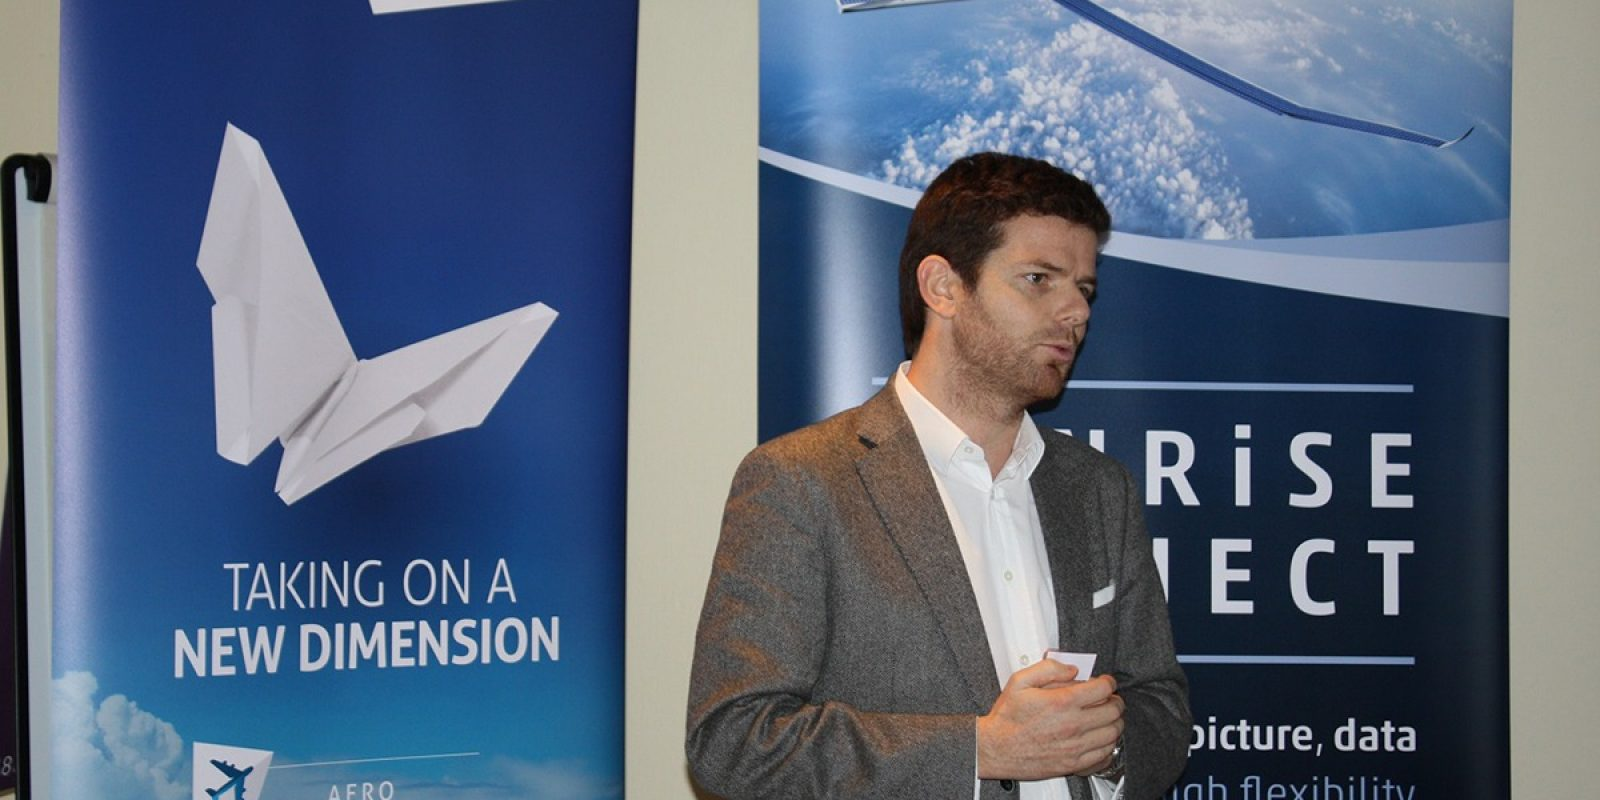 Benjamin de Broqueville, CEO de l'aérodrome de Namur et de Stemme Belgium présente le bilan et les projets de l'aérodrome.